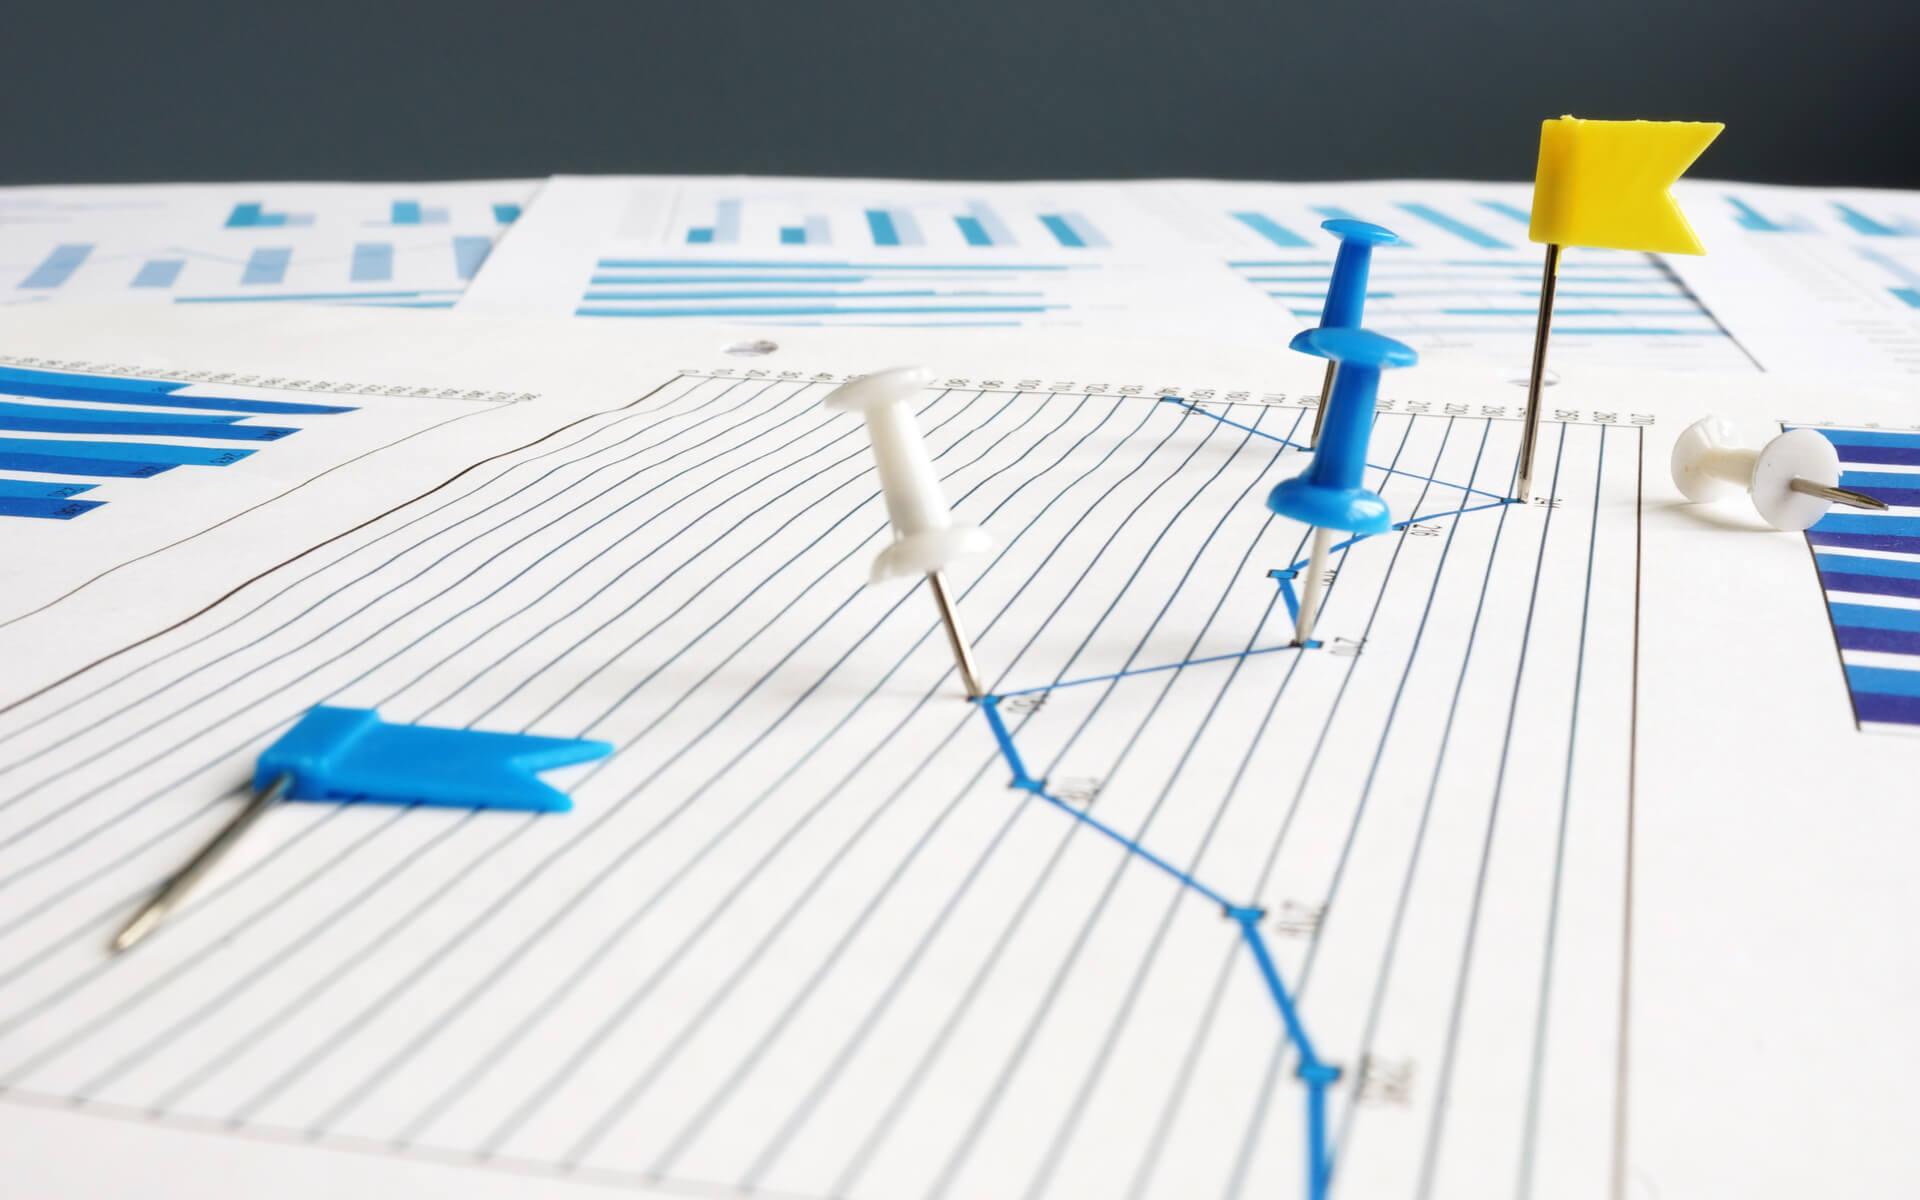 Metriche del risk management framework: mai più rischi imprevisti